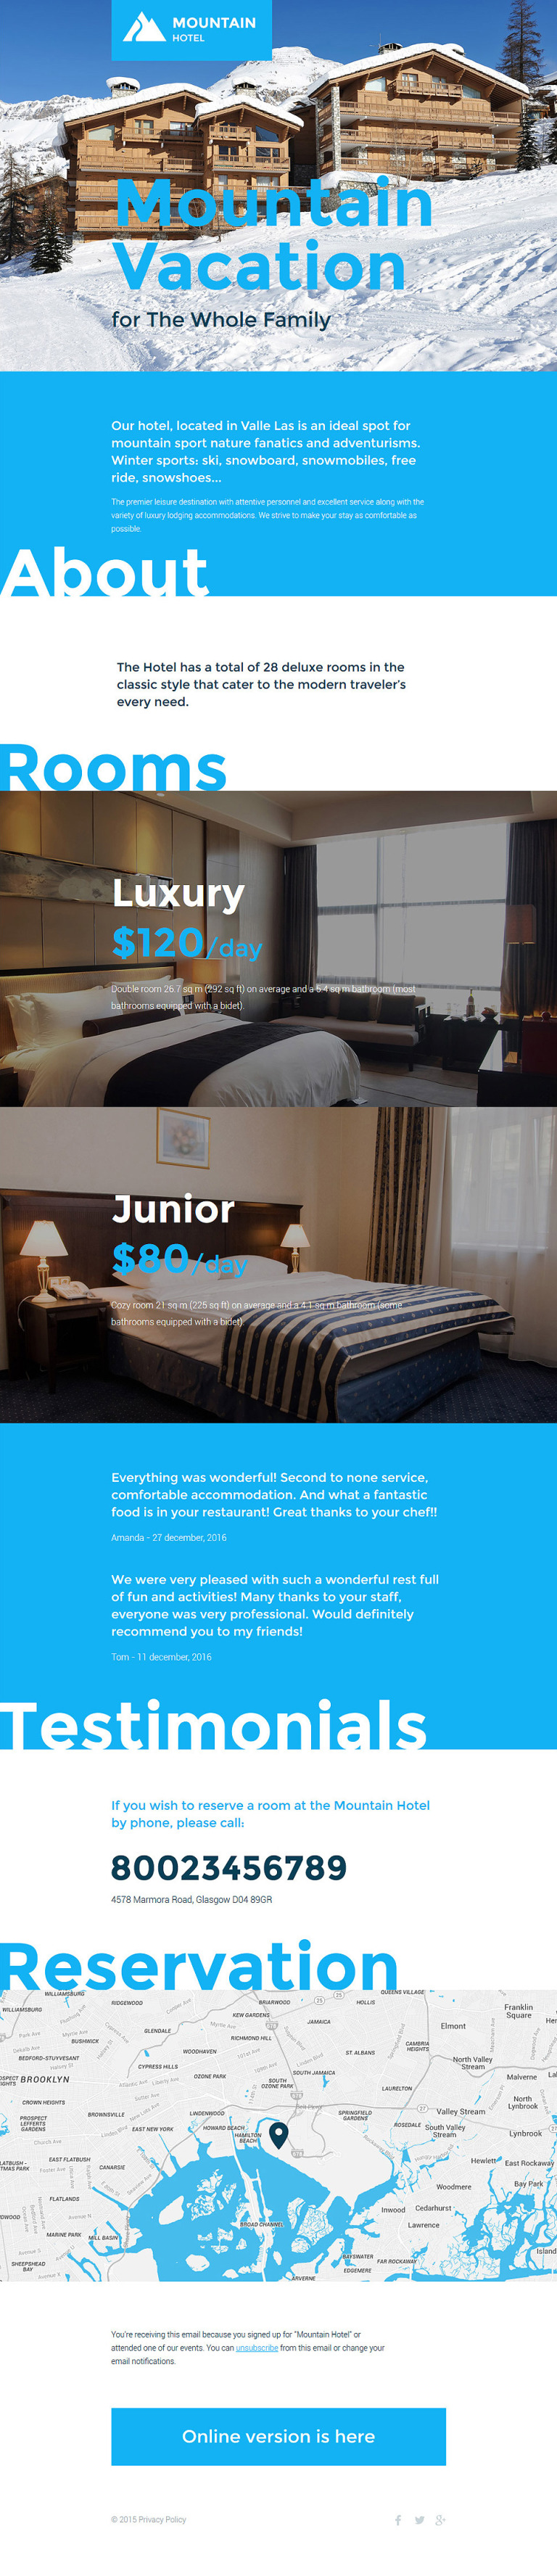 Hotels Responsive Newsletter Template New Screenshots BIG